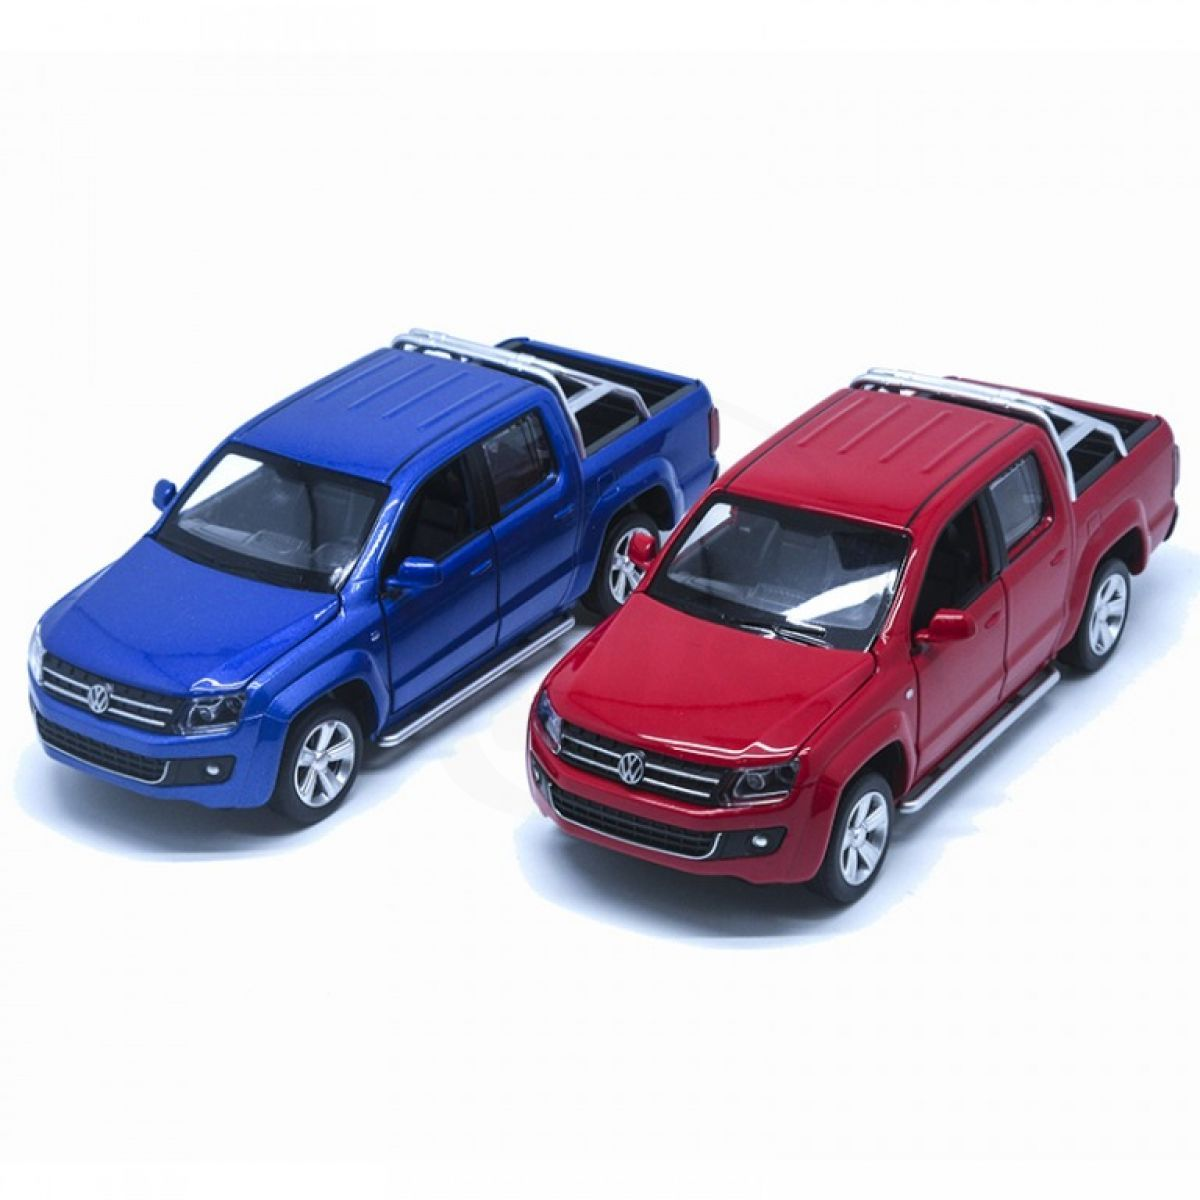 HM Studio kovový model Volkswagen Amarok 1:30 červený